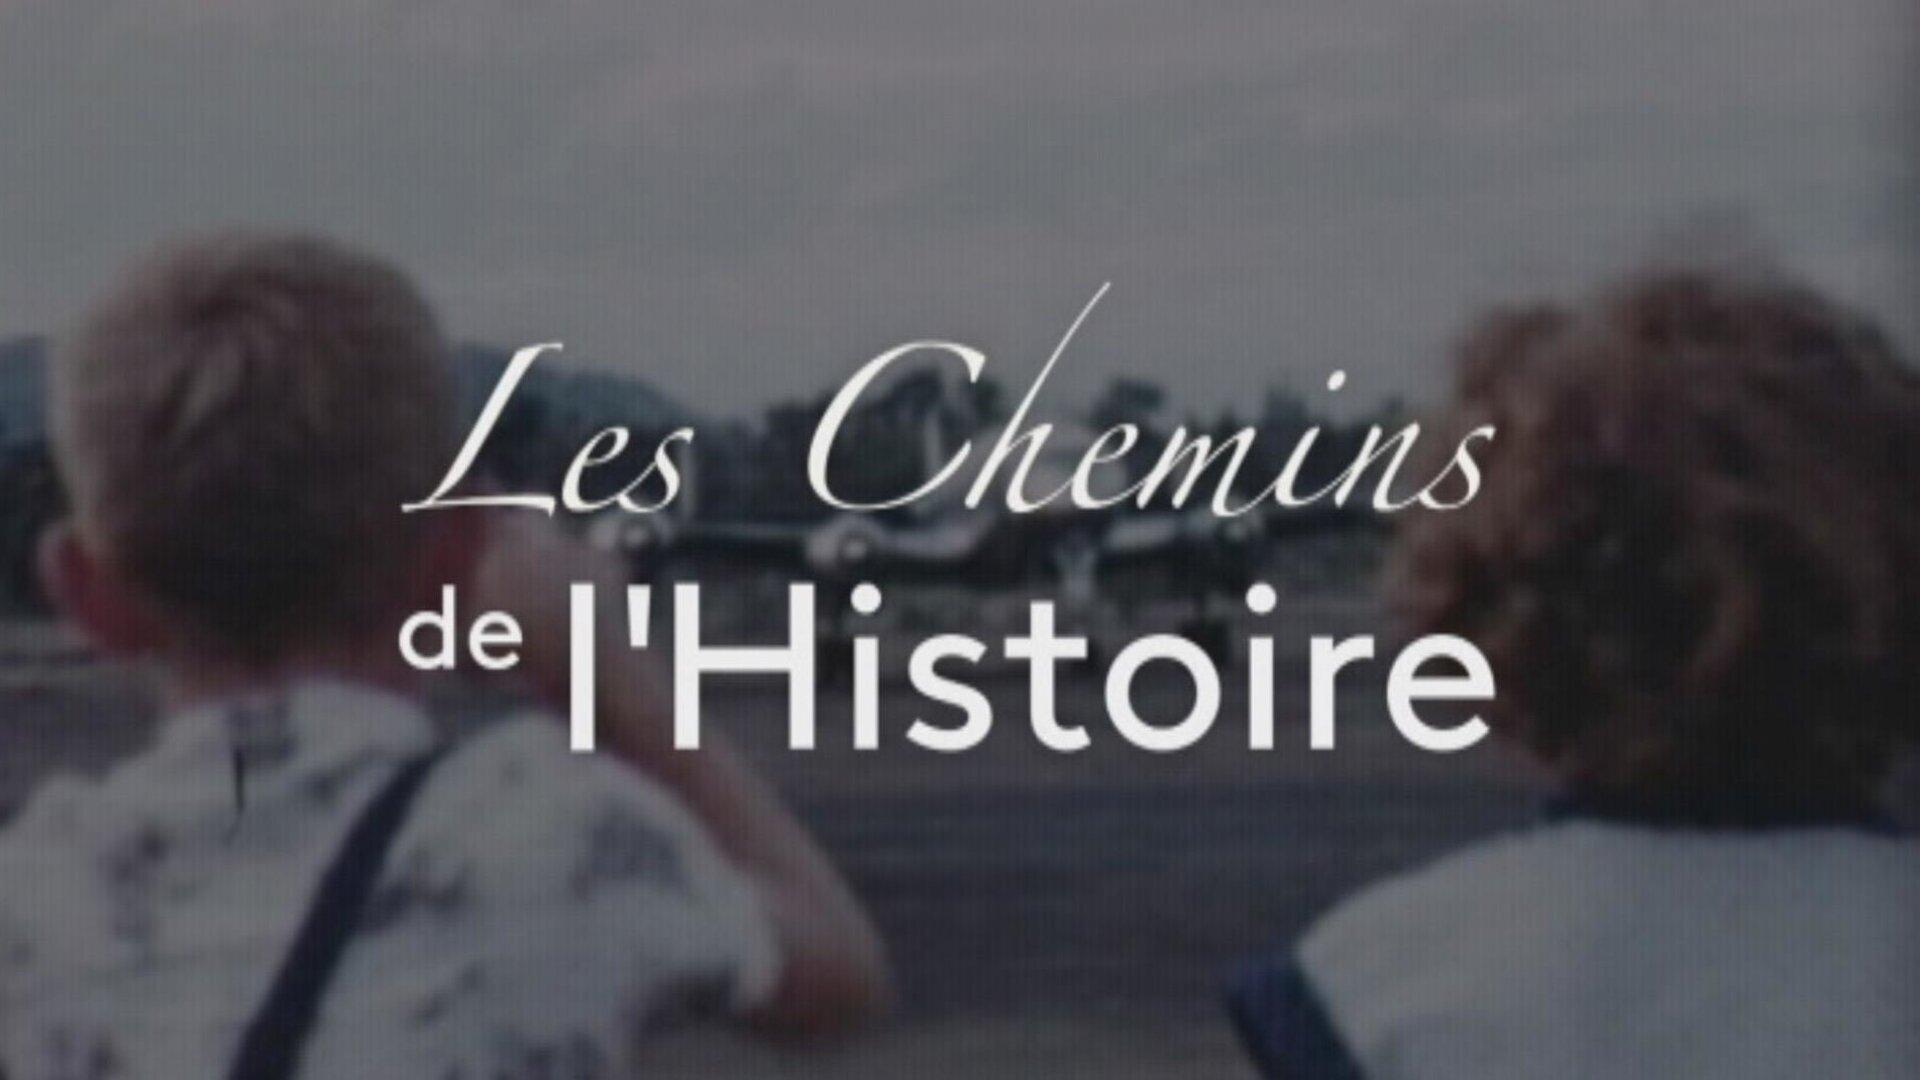 Les chemins de l'histoire